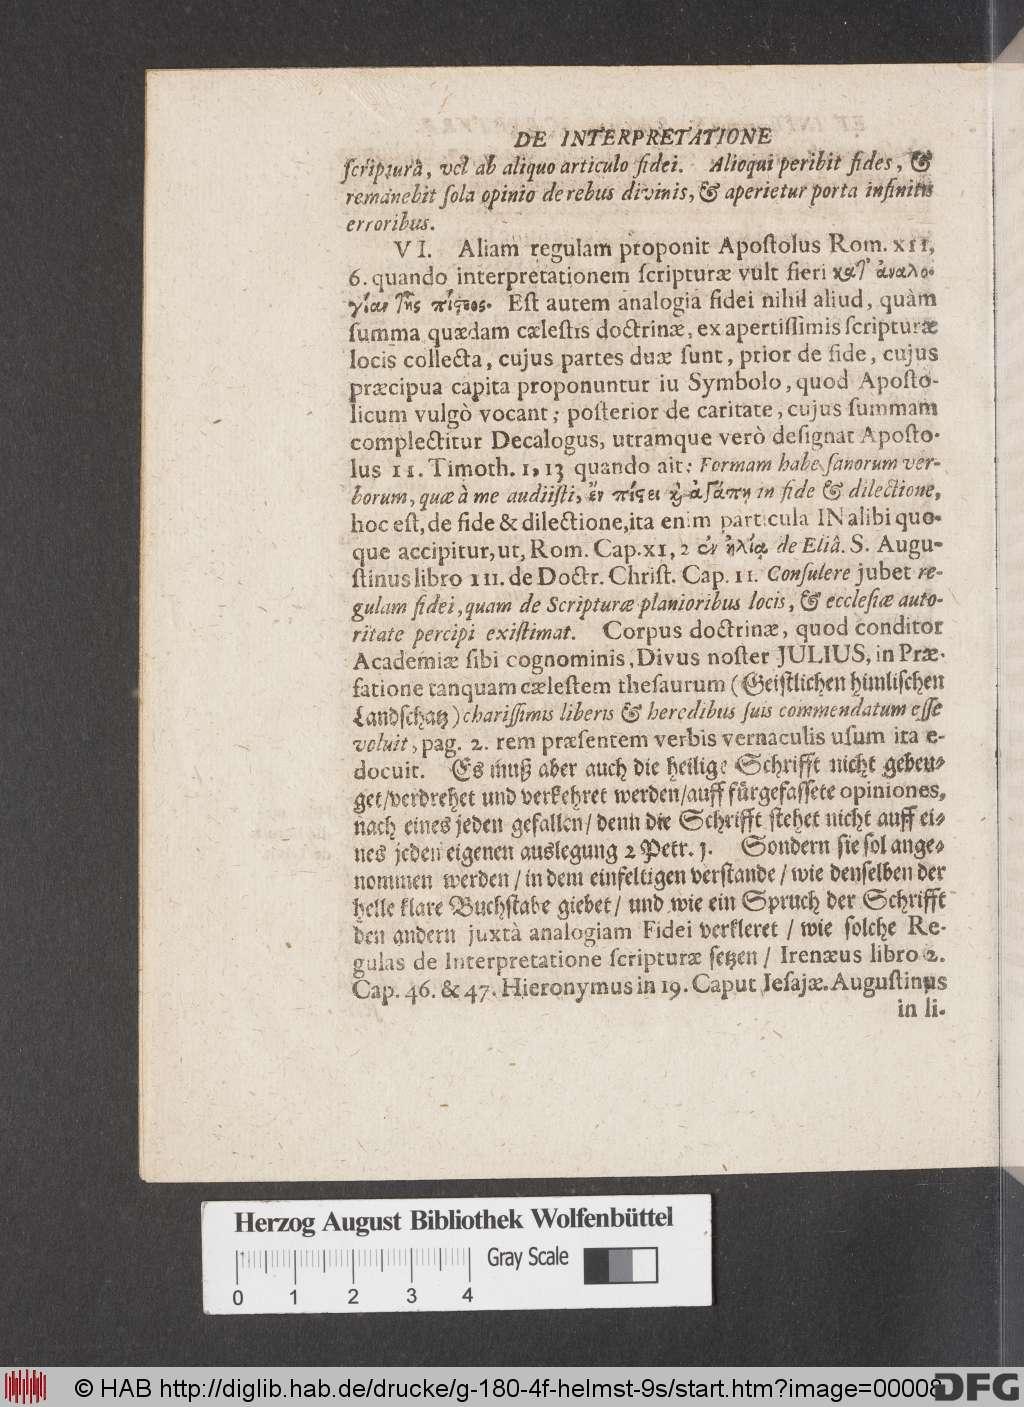 http://diglib.hab.de/drucke/g-180-4f-helmst-9s/00008.jpg